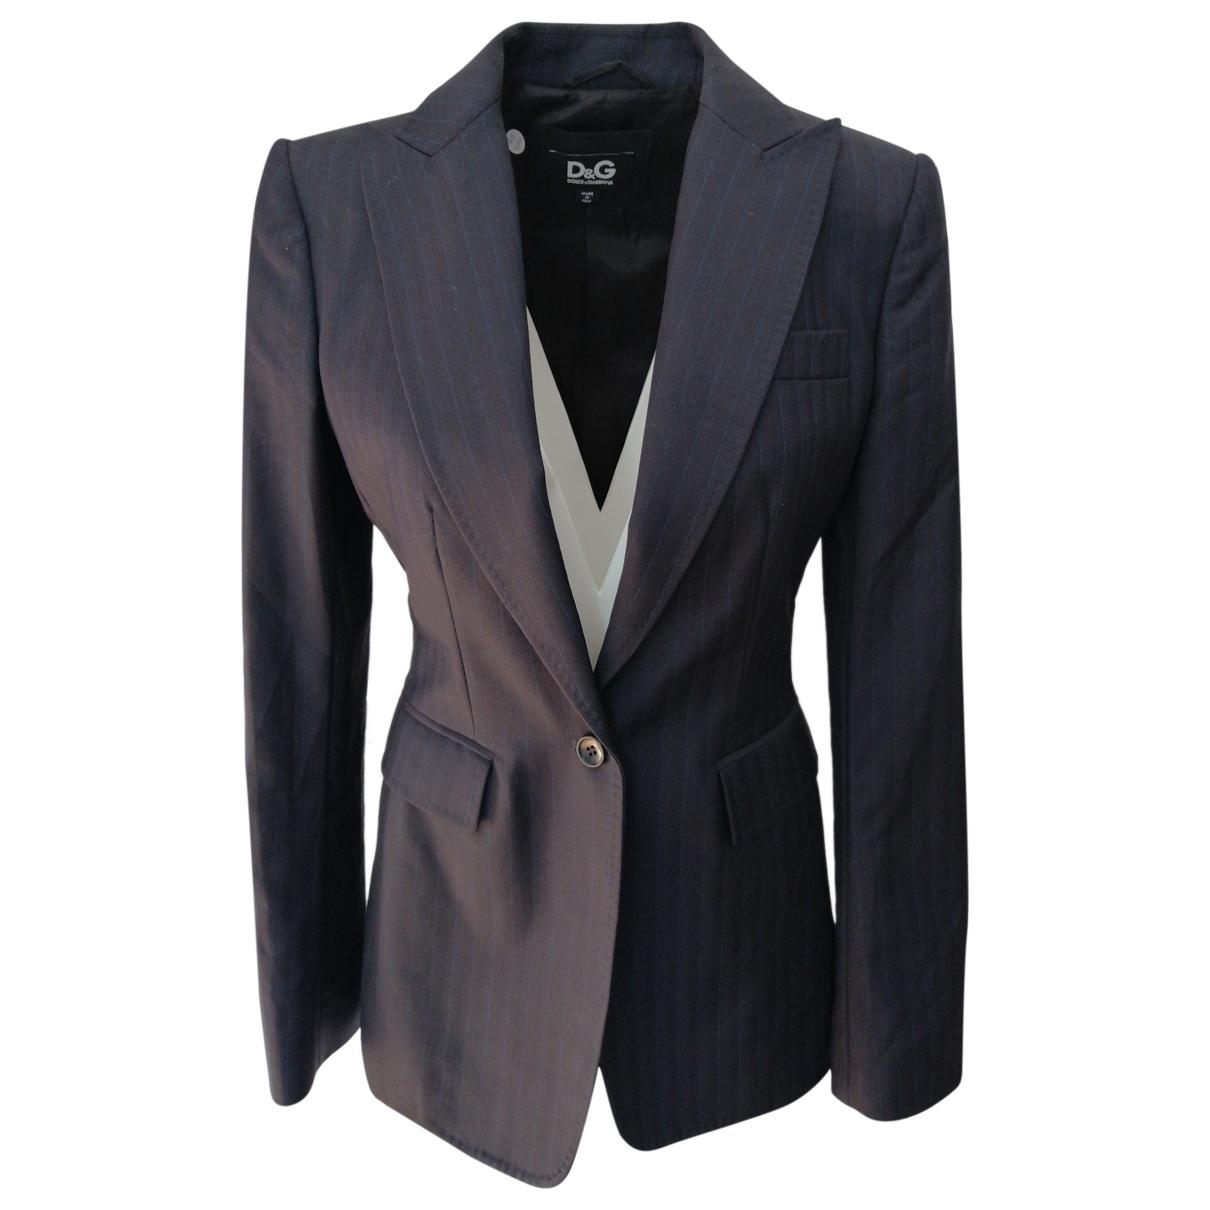 D&g - Veste   pour femme en laine - bleu